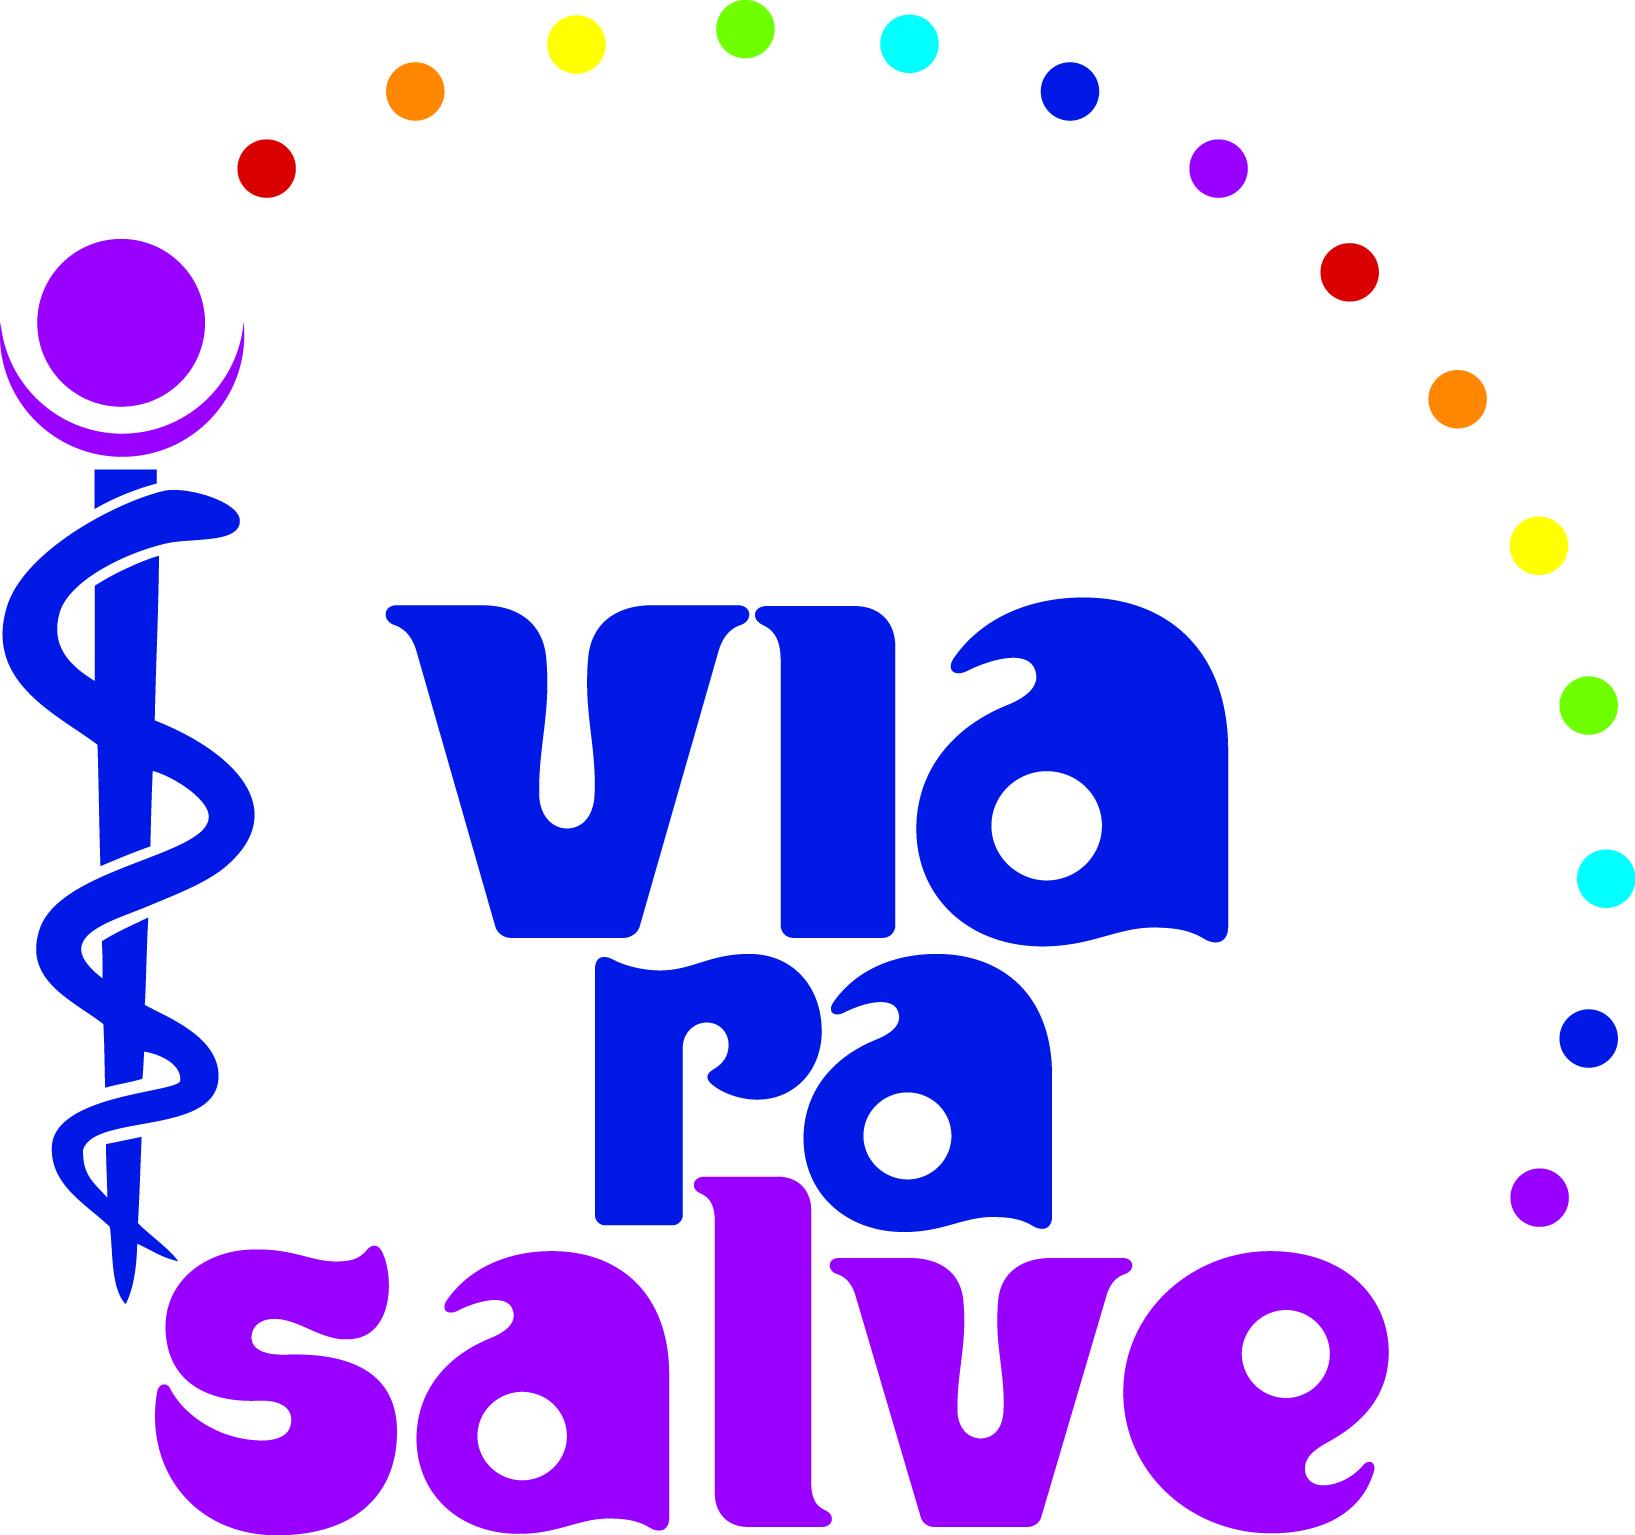 Viara Salve - logo